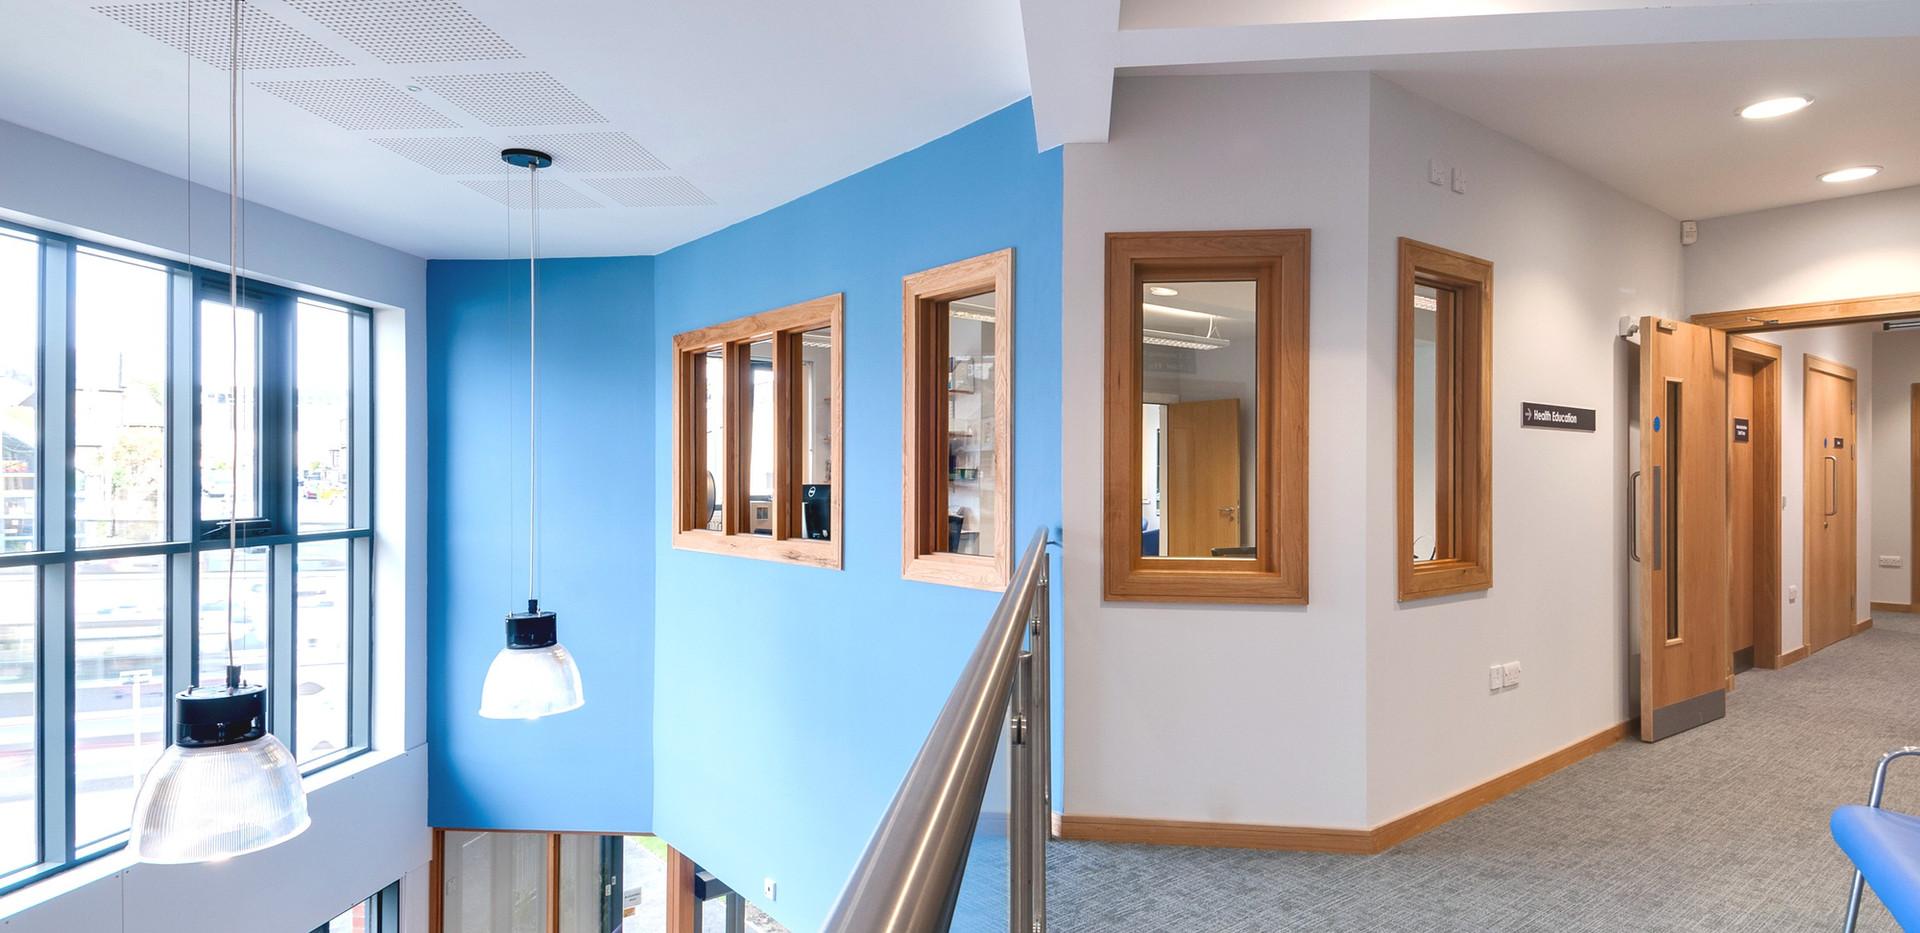 P035 Farrow Medical Corridor